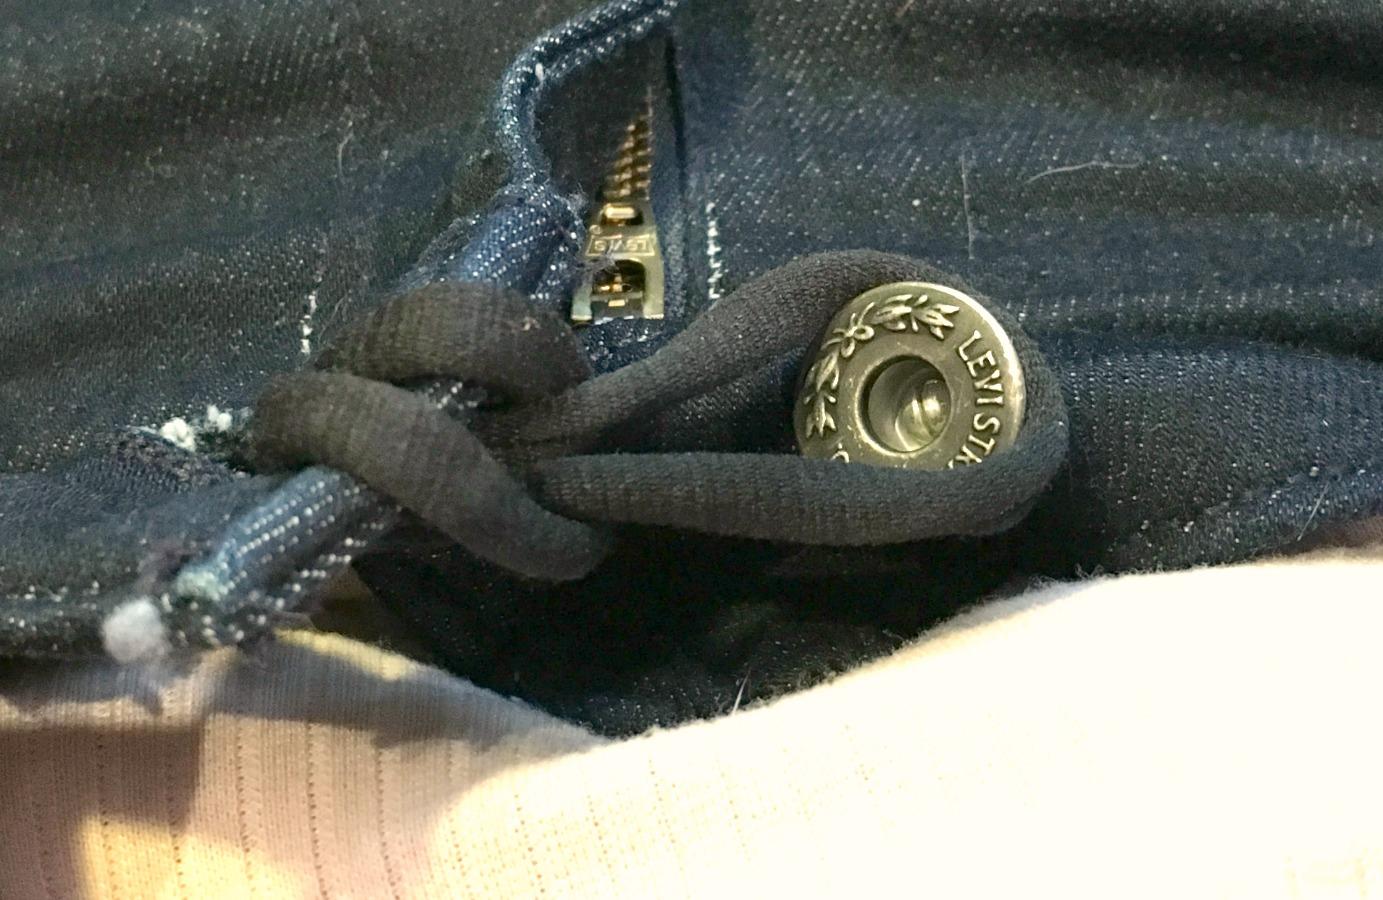 b a la moda, tip, embarazo, ropa para embarazadas, premama, moda, moda premama, persistencia o cambio, mar vidal